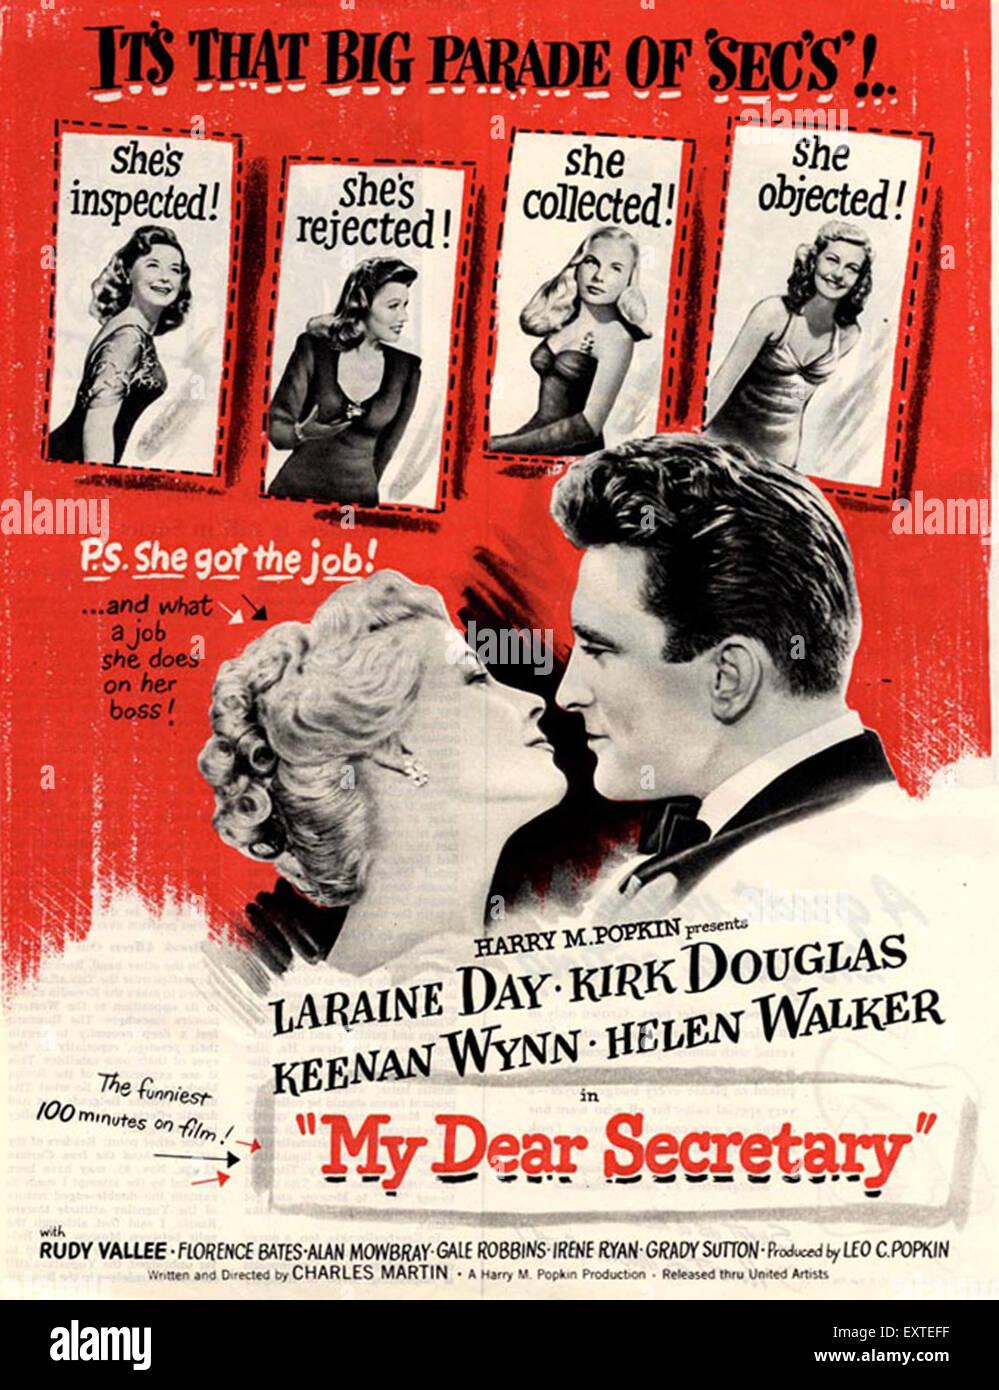 1940 Eeuu Mi Querido Secretario Póster De Película Foto Imagen